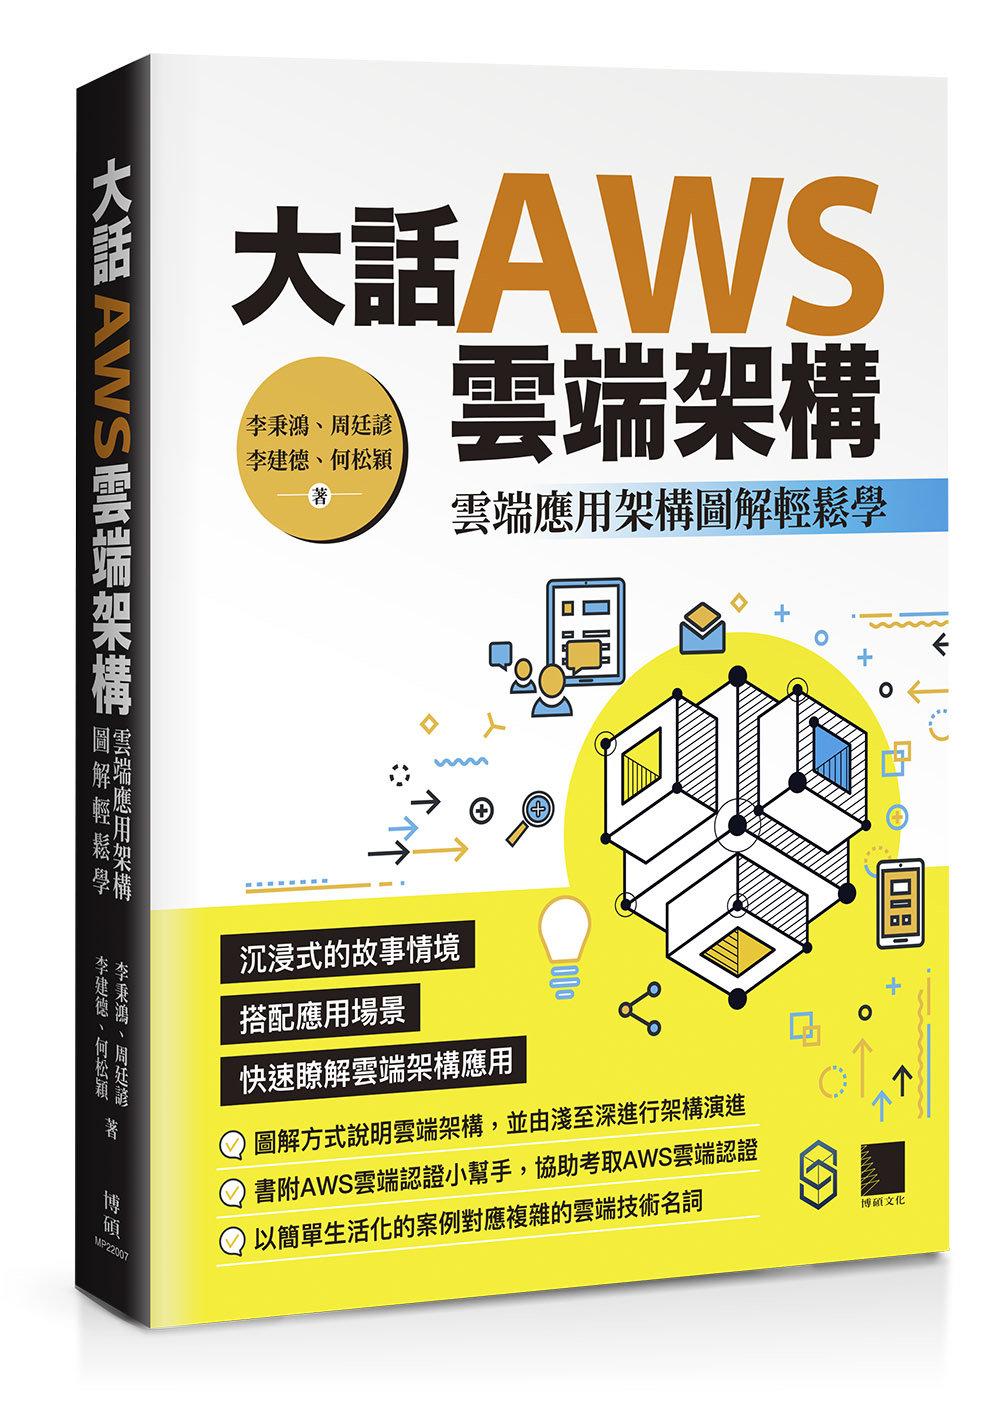 大話 AWS 雲端架構:雲端應用架構圖解輕鬆學-preview-1